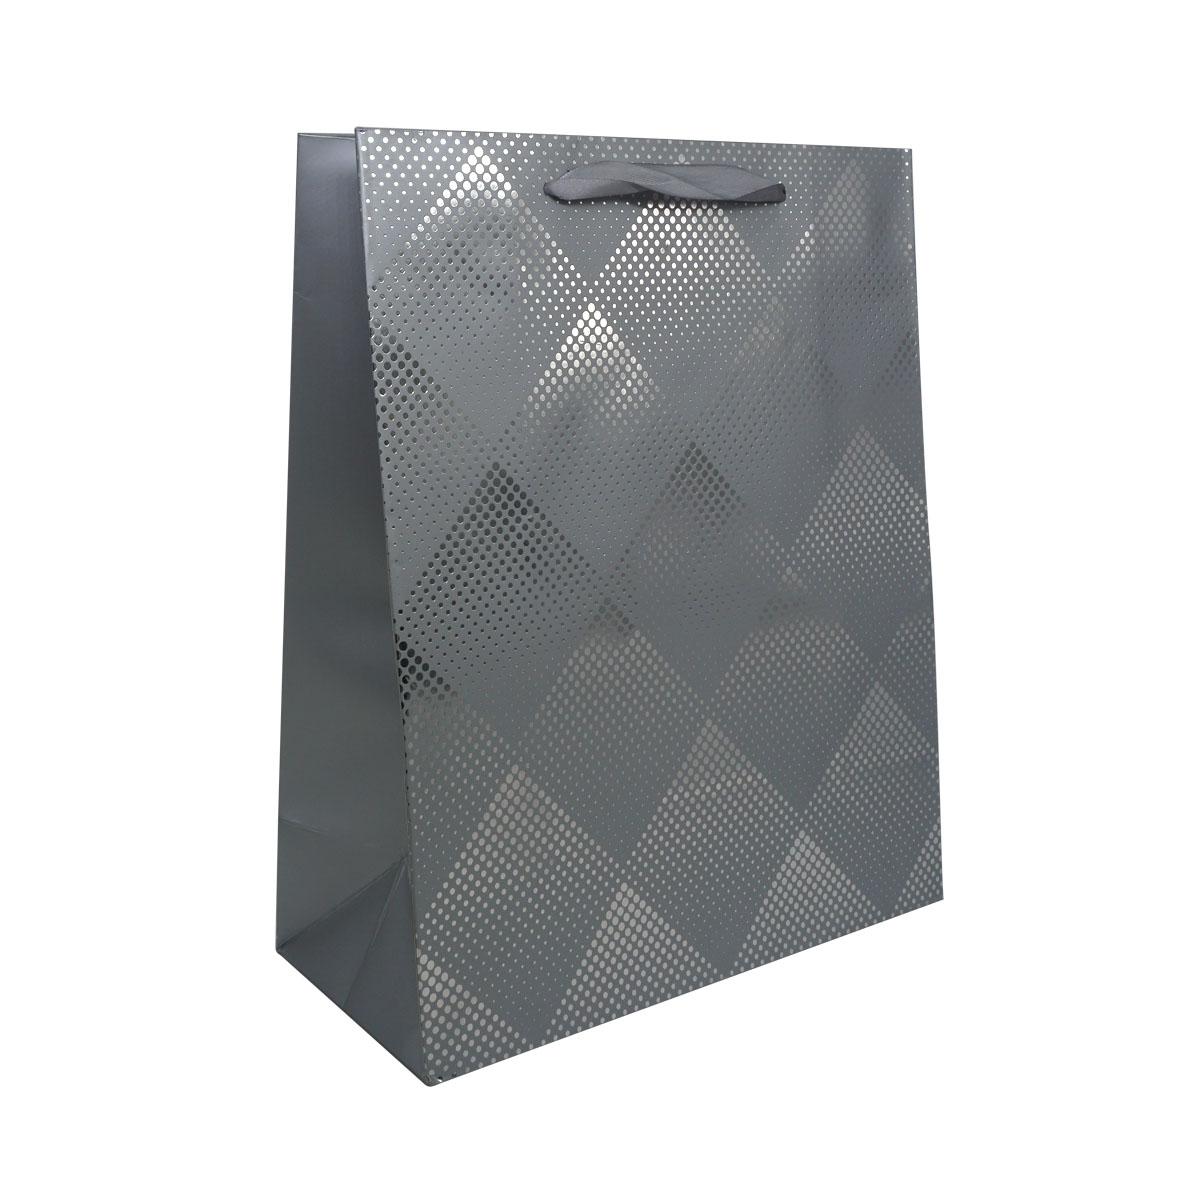 BK958-1 Пакет подарочный ламинированный, 23*18*10см (C-серебро) фото